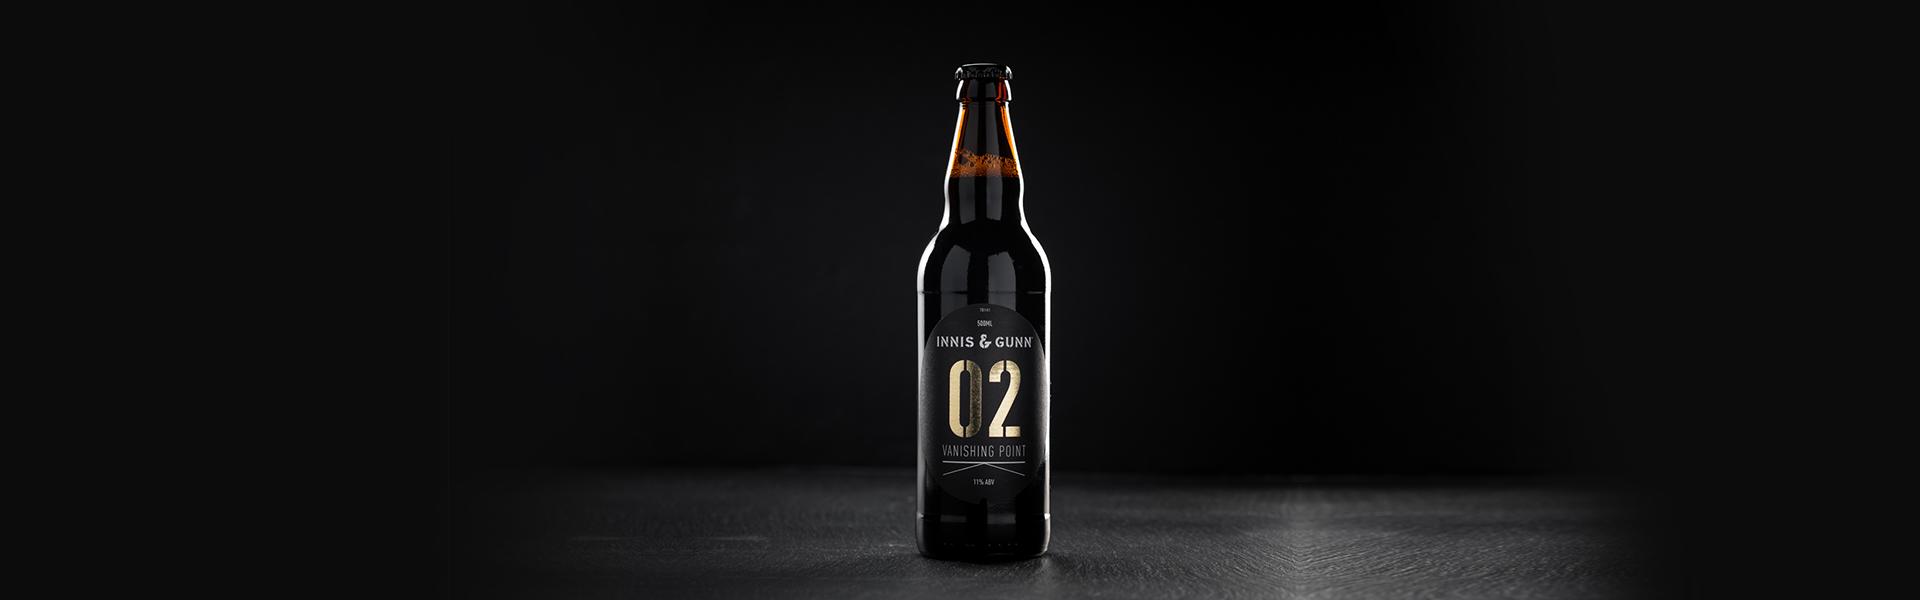 Innis & Gunn släpper samlarobjekt – en Imperial Stout lagrad 365 dagar på bourbonfat.